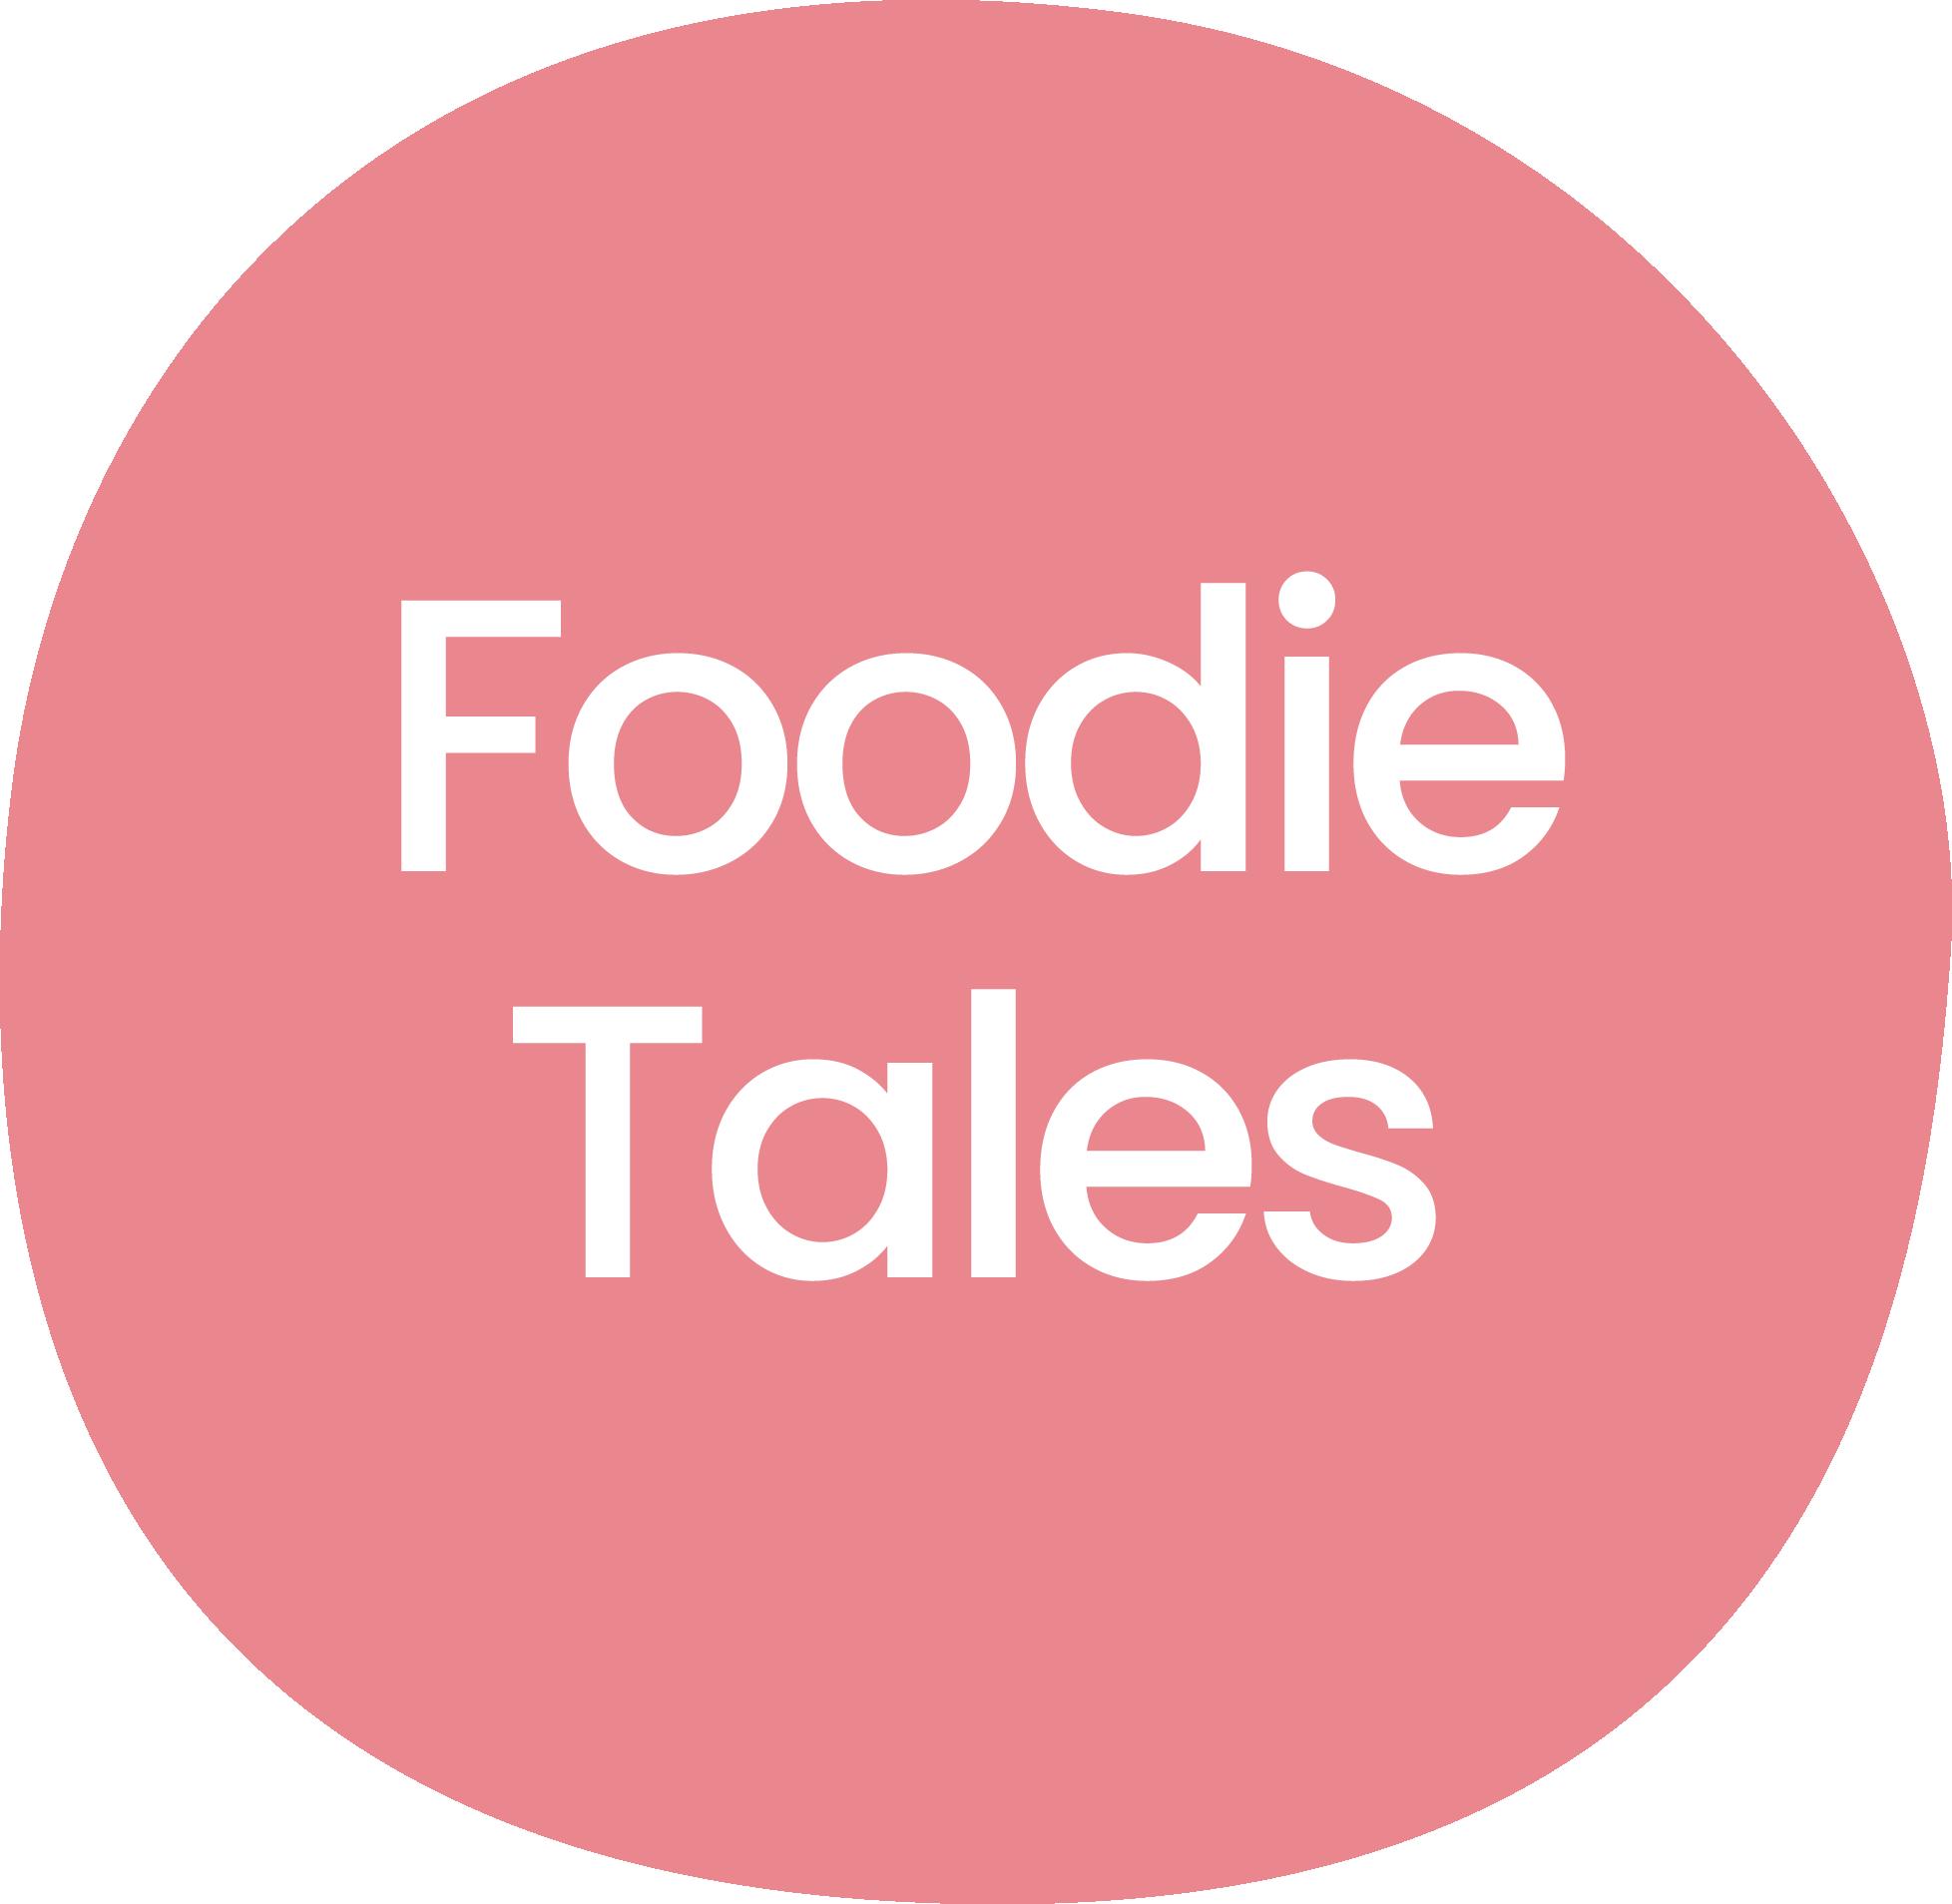 Foodie-Tale-circle2